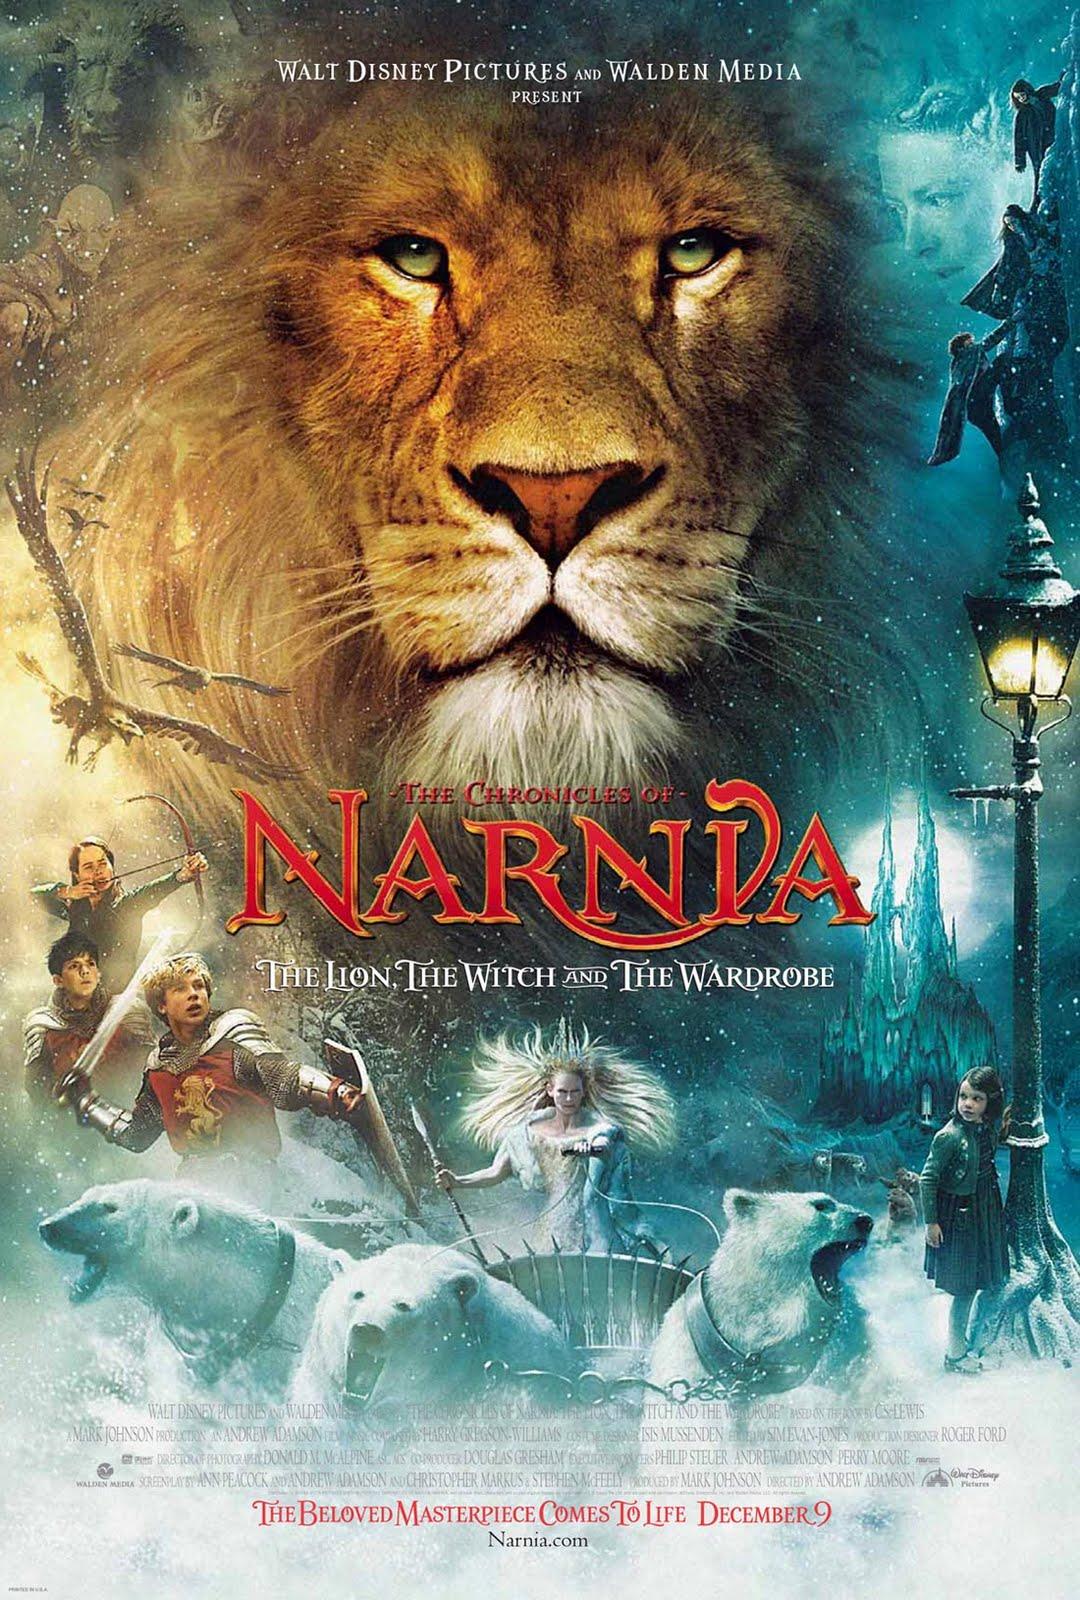 http://1.bp.blogspot.com/_5yoH7bxgL0w/TQEkUt7j6kI/AAAAAAAANNc/l2U__qpJzOM/s1600/Narnia_Poster.jpg